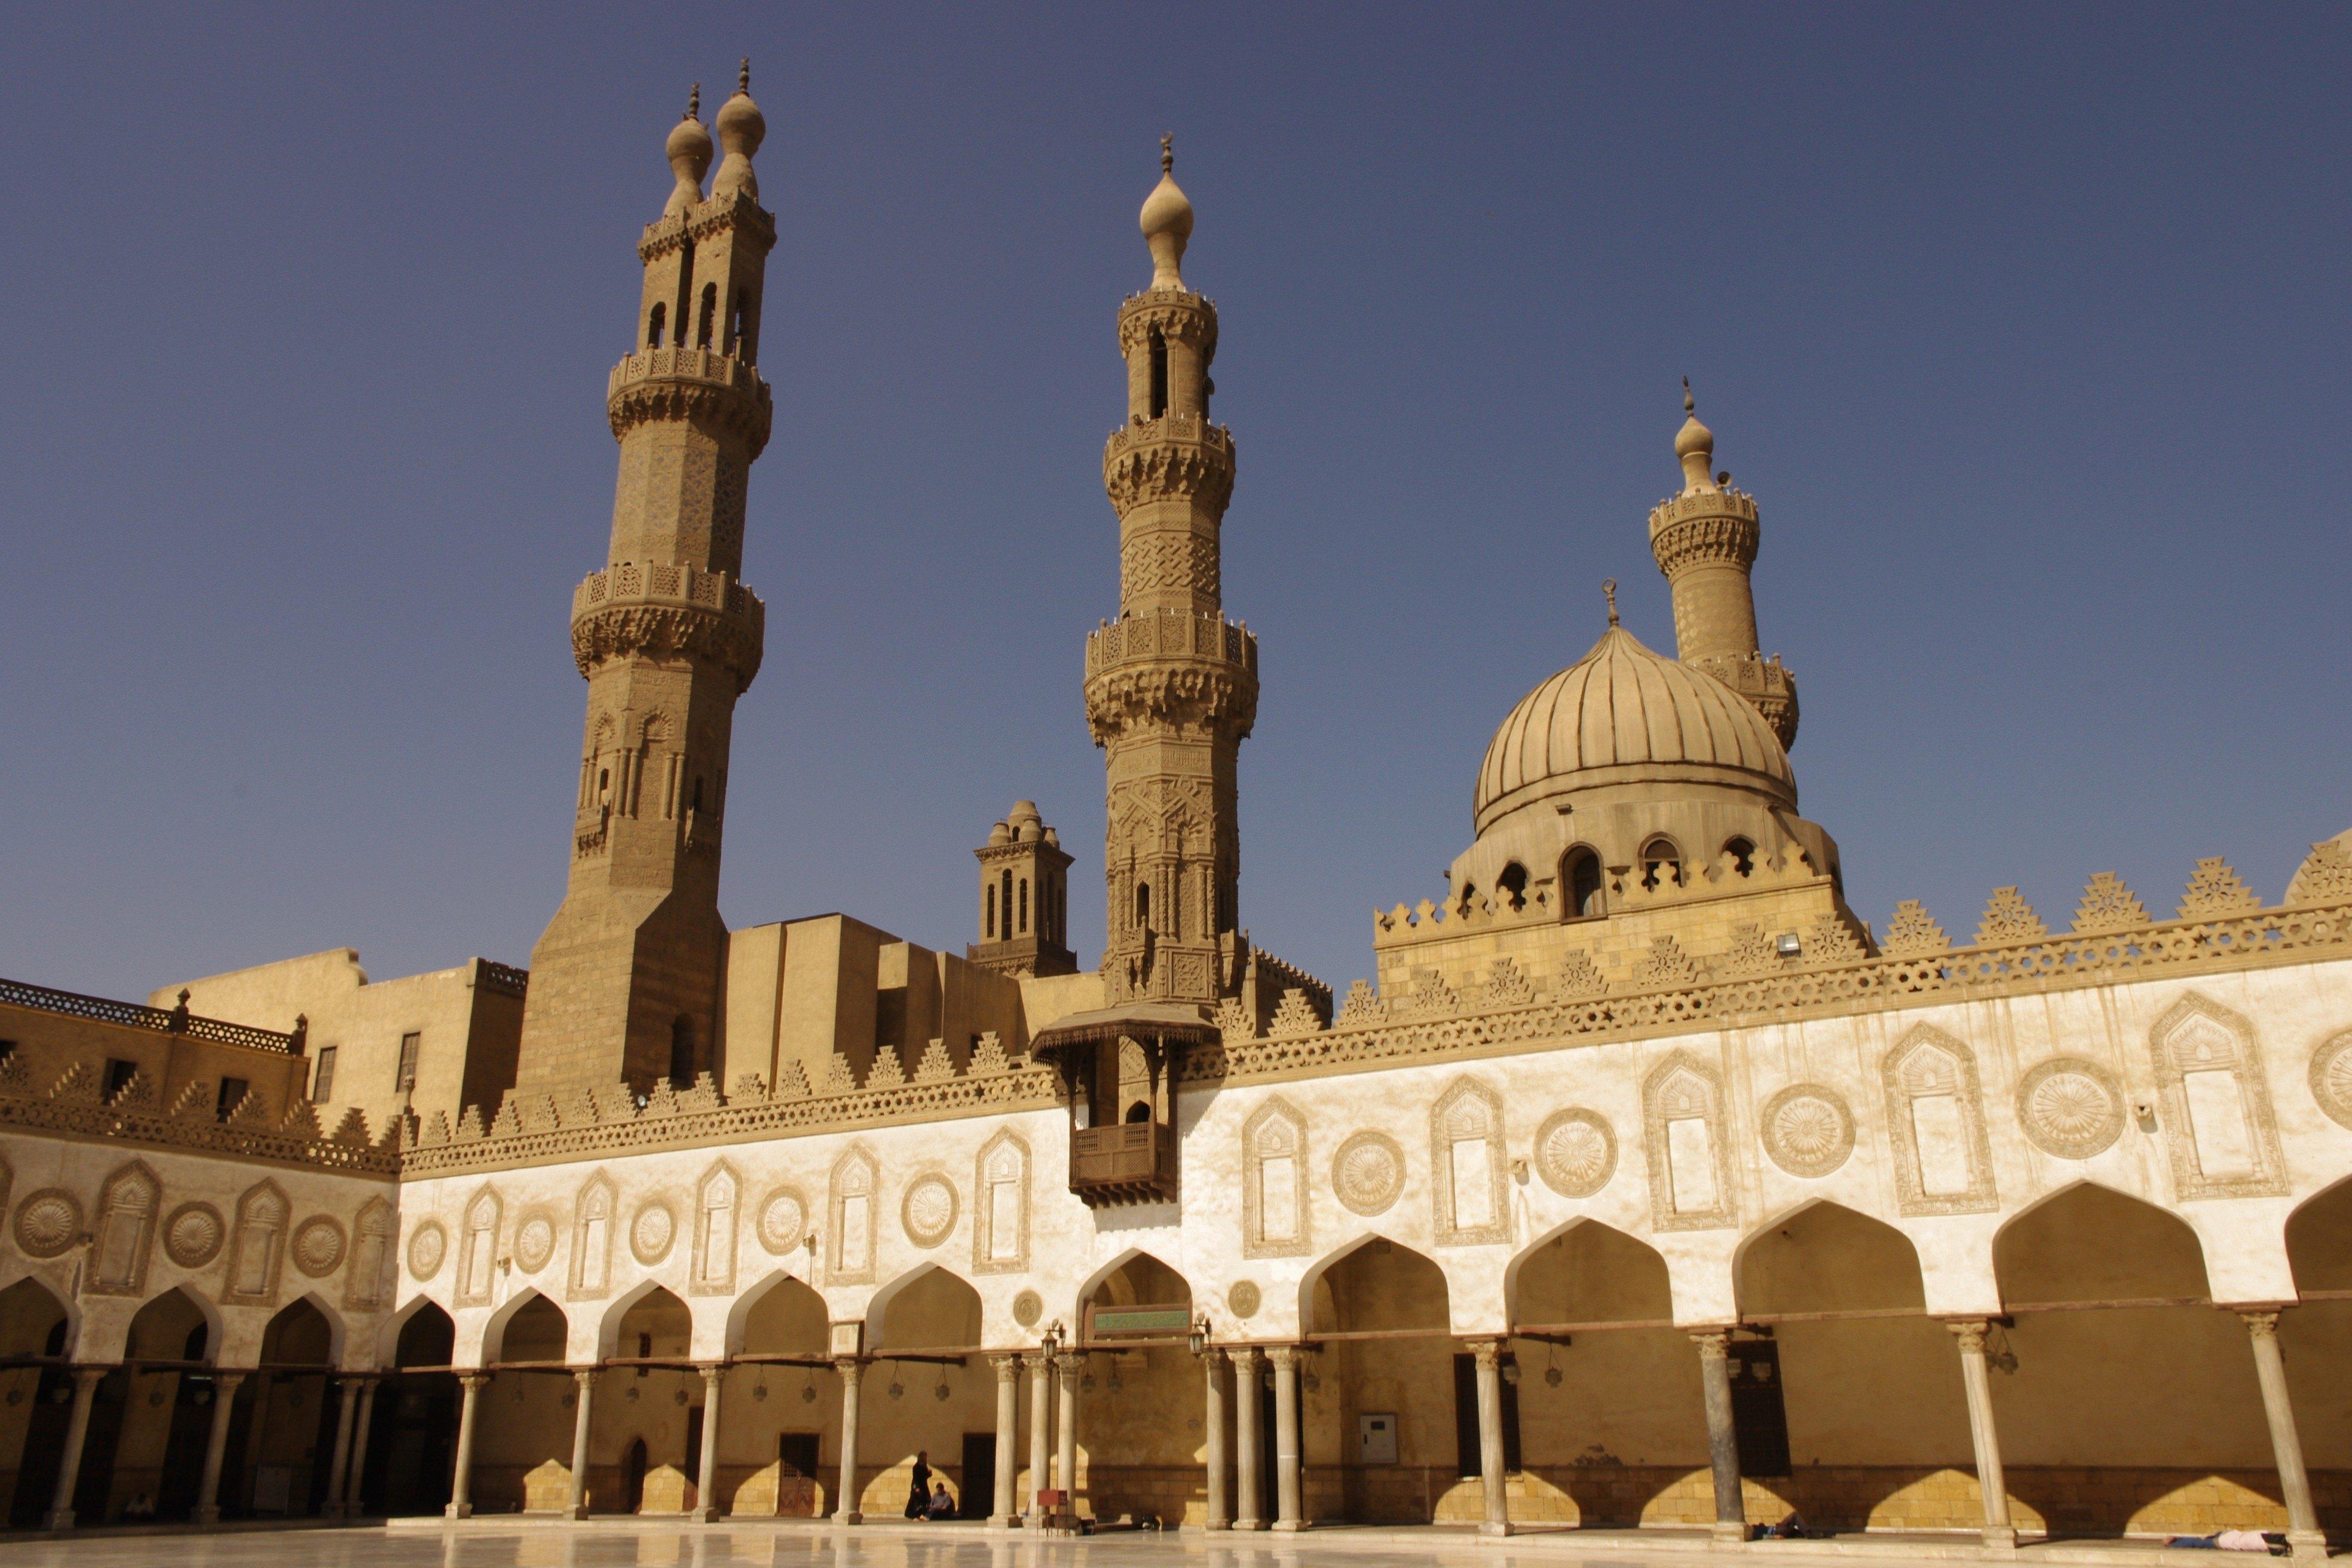 爱资哈尔清真寺  Al-Azhar Mosque   -0